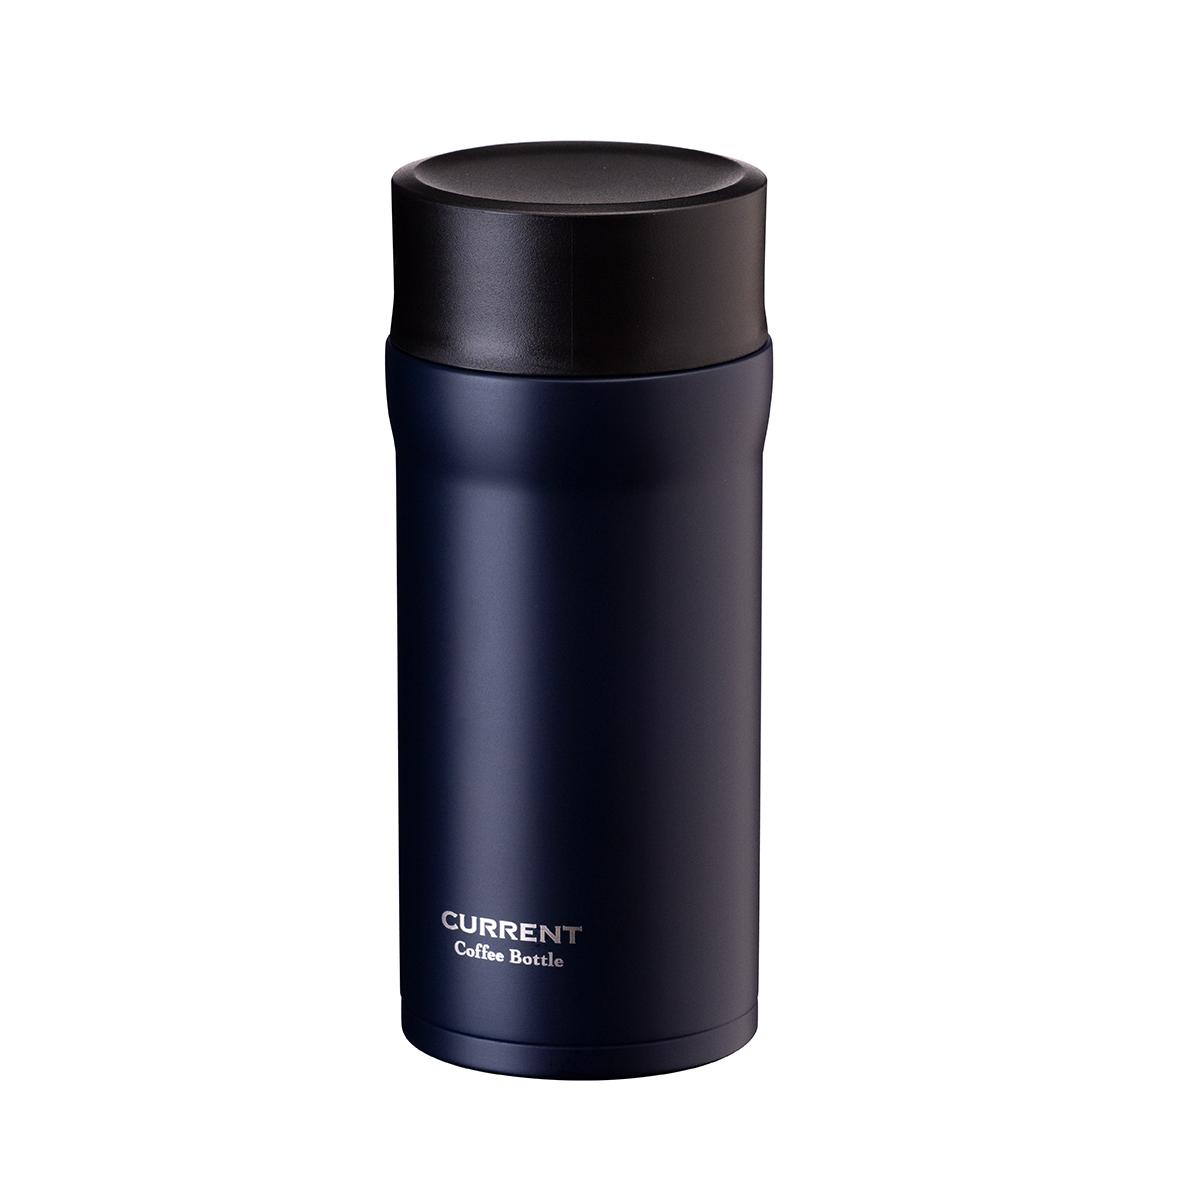 CURRENT コーヒーマグボトル 350ml ネイビー